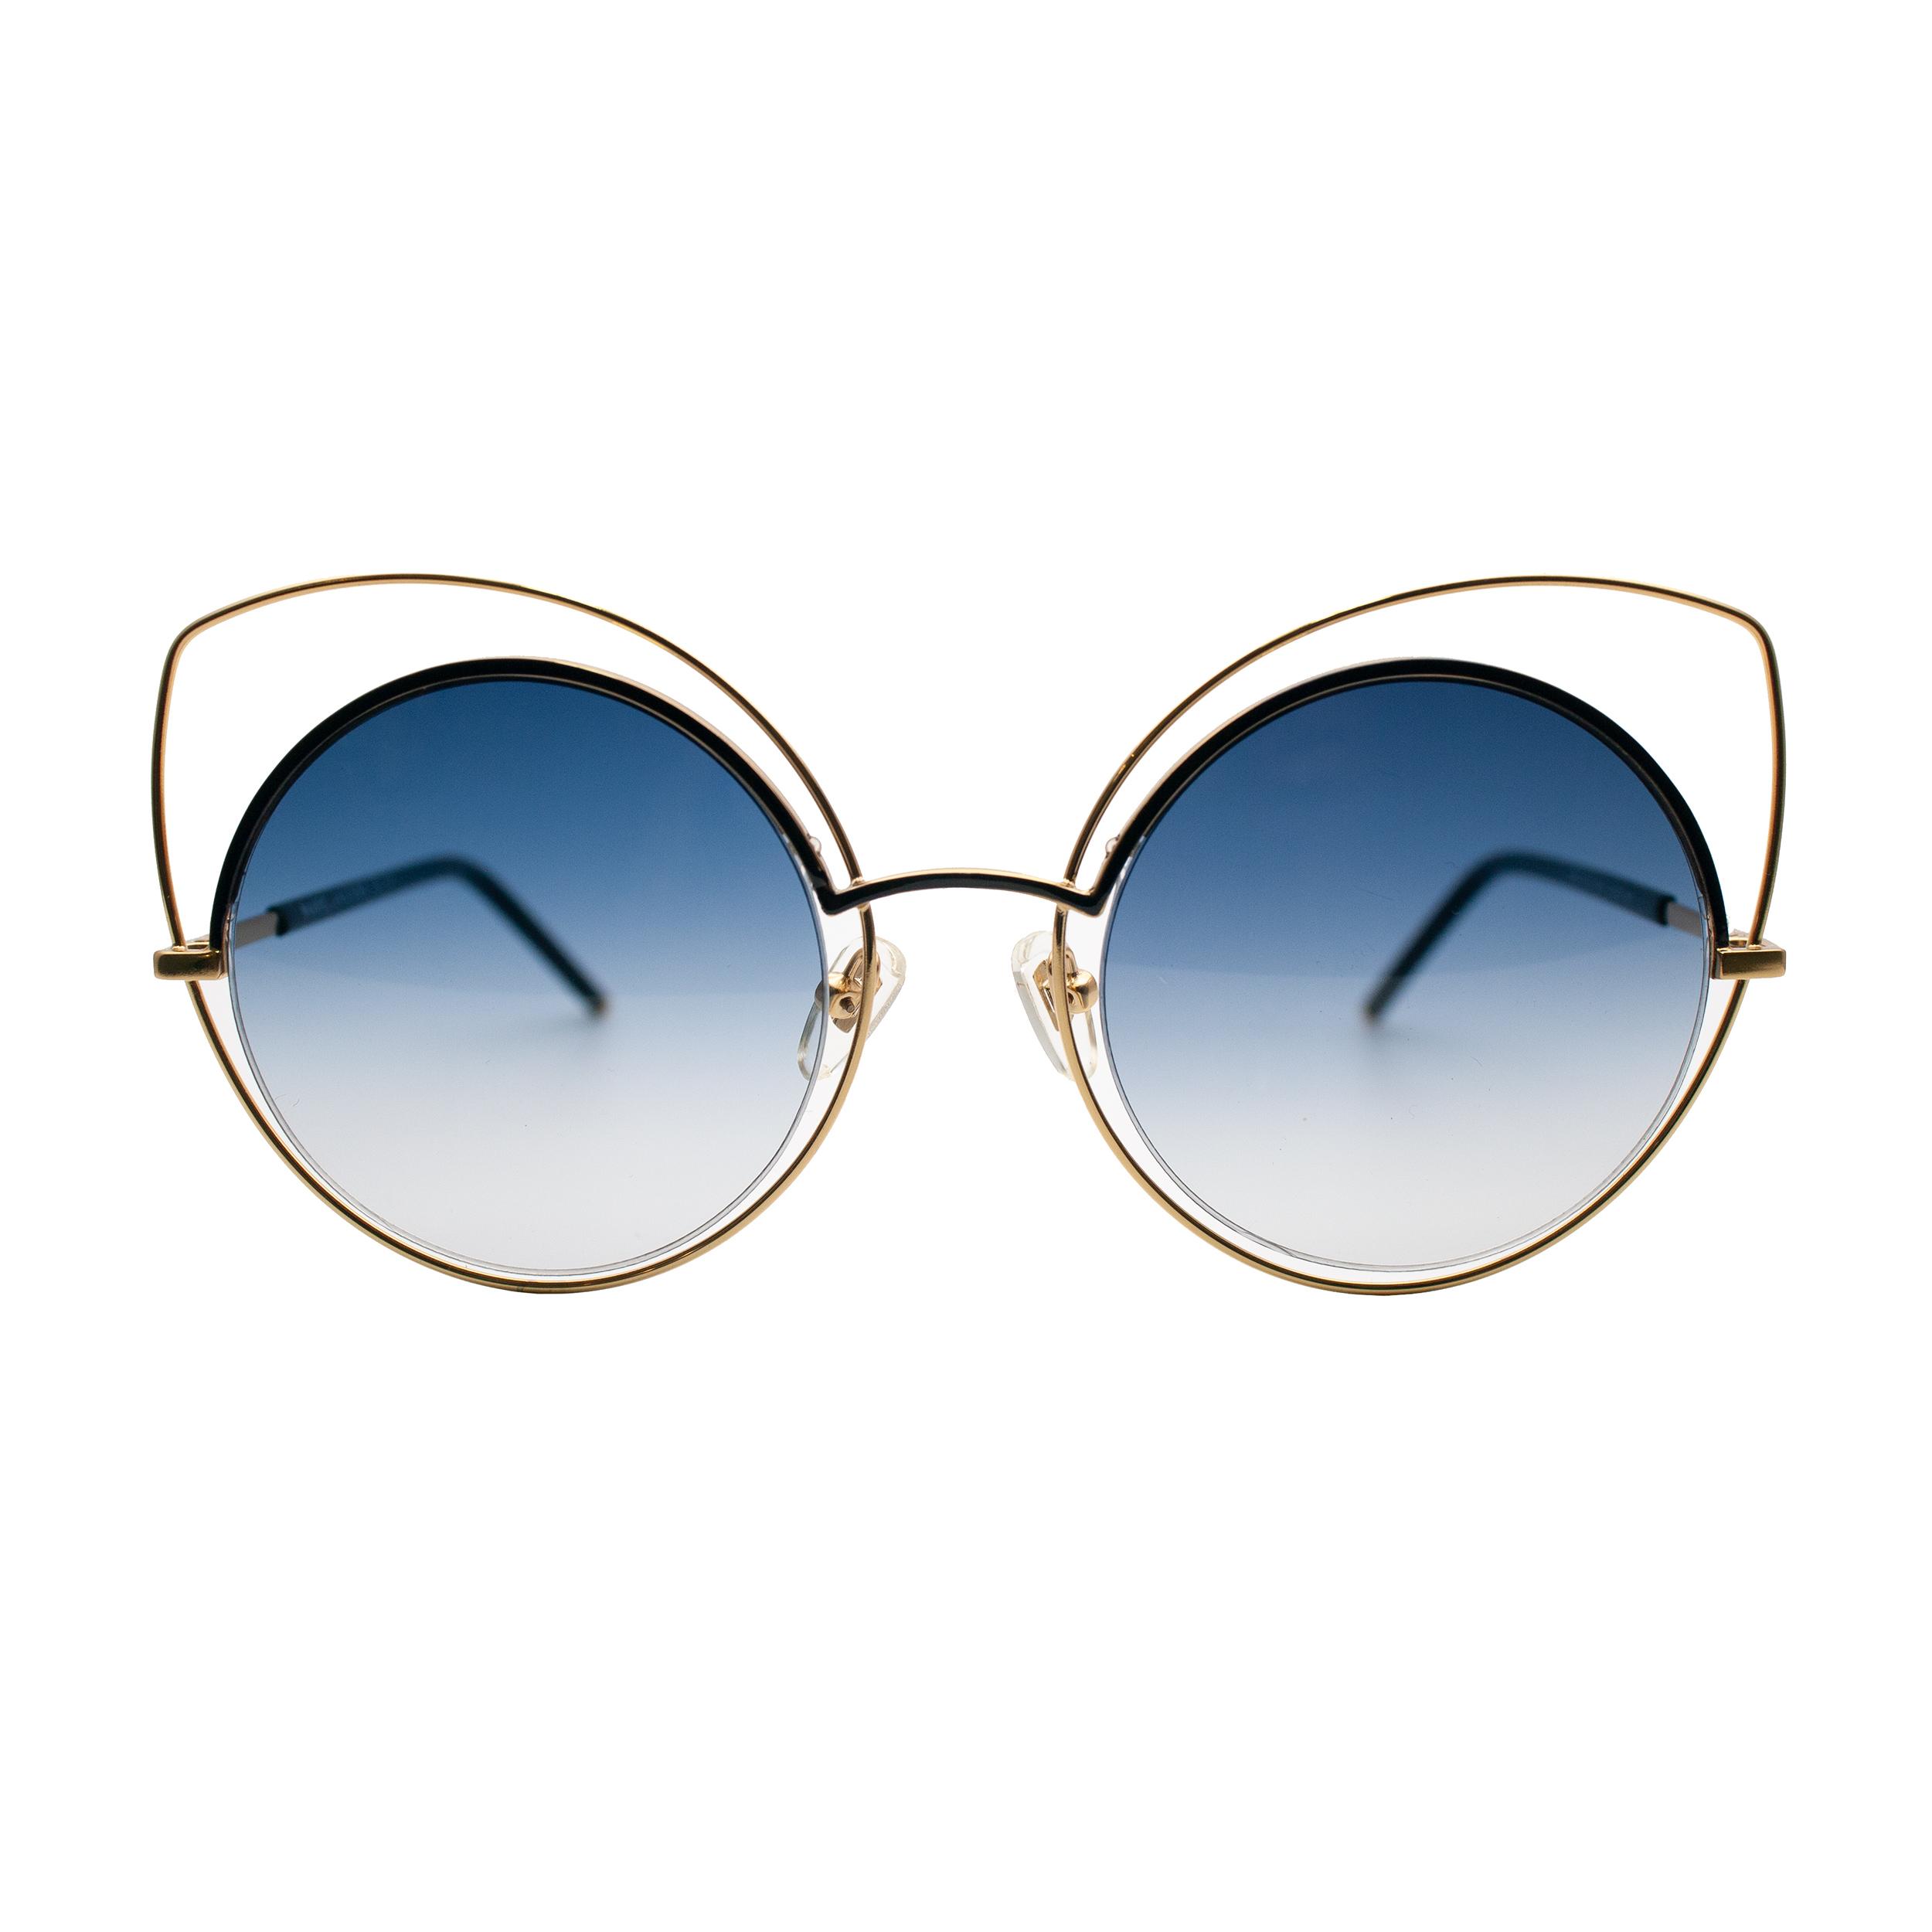 عینک آفتابی مارک جکوبس مدل C 10-S 25KFU